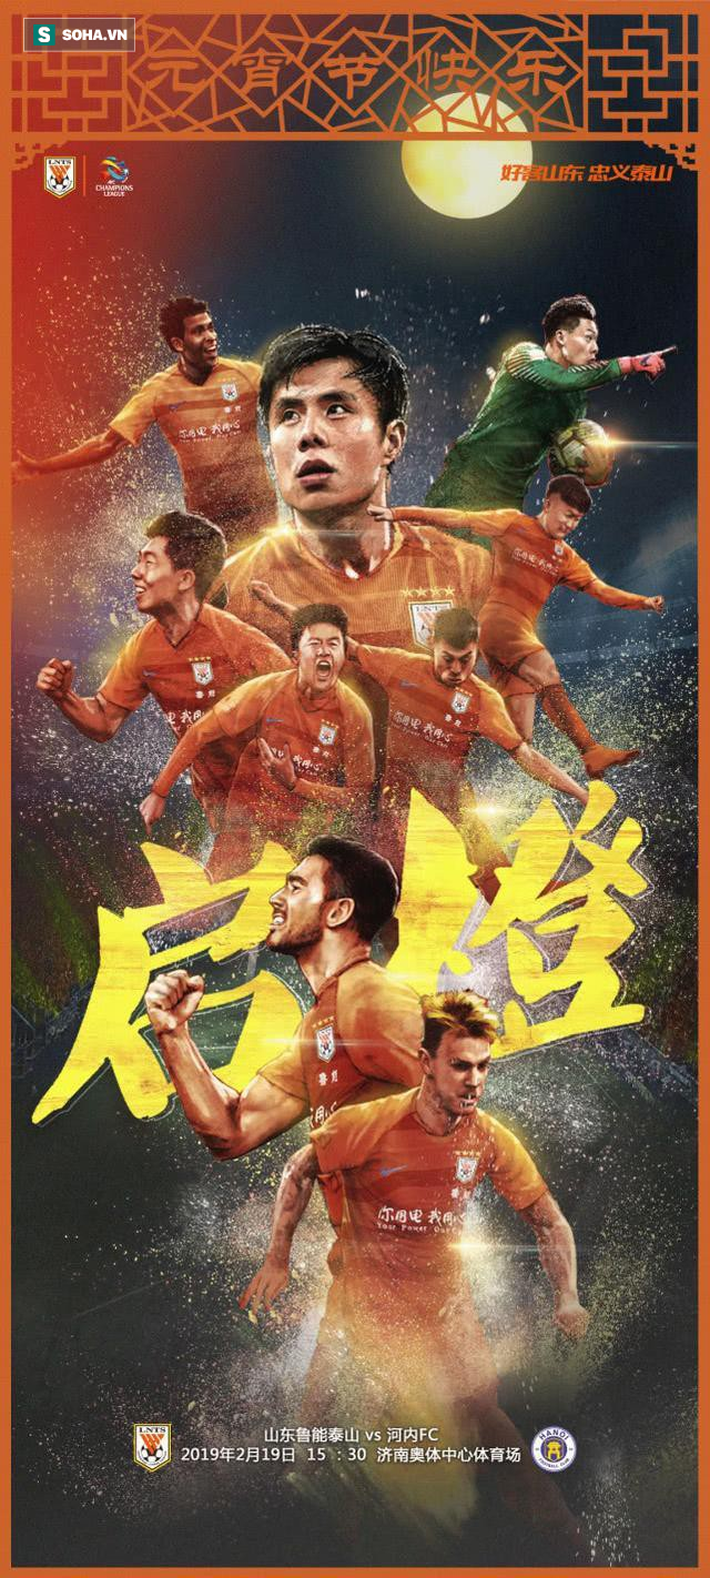 Báo Trung Quốc hé lộ tin tốt cho Hà Nội FC trước đại chiến ở AFC Champions League - Ảnh 3.